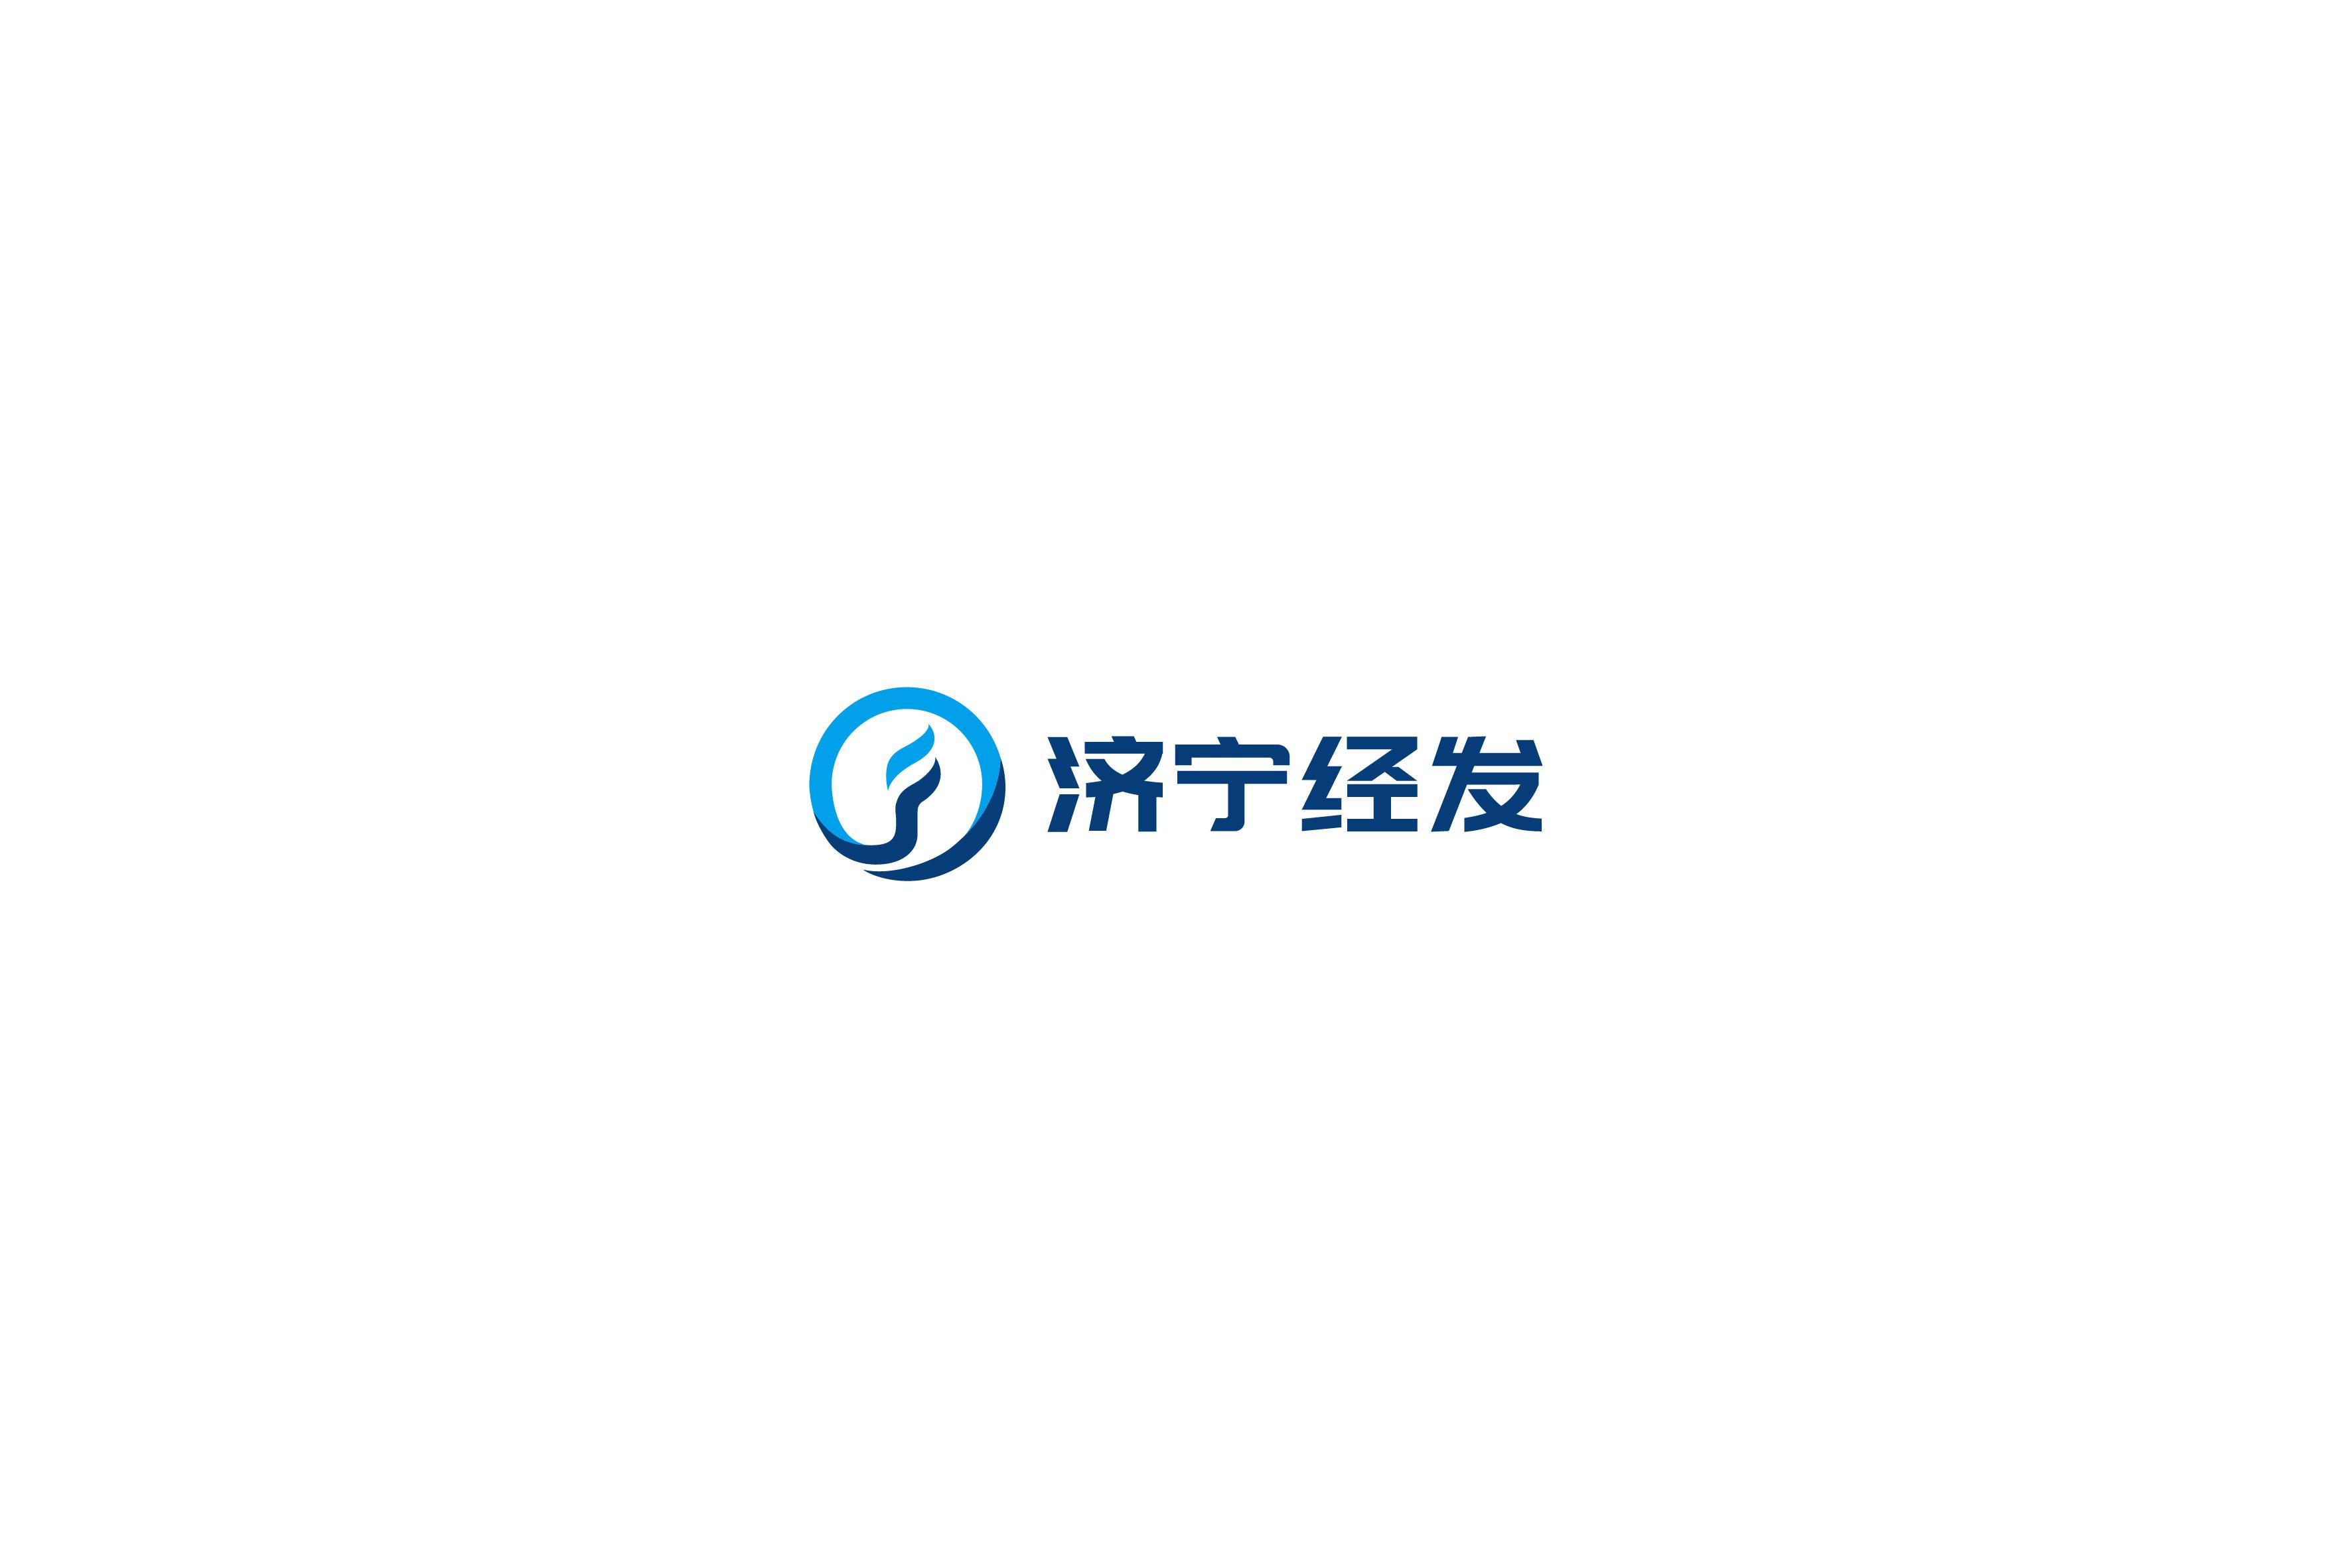 济宁经发投资集团有限公司2